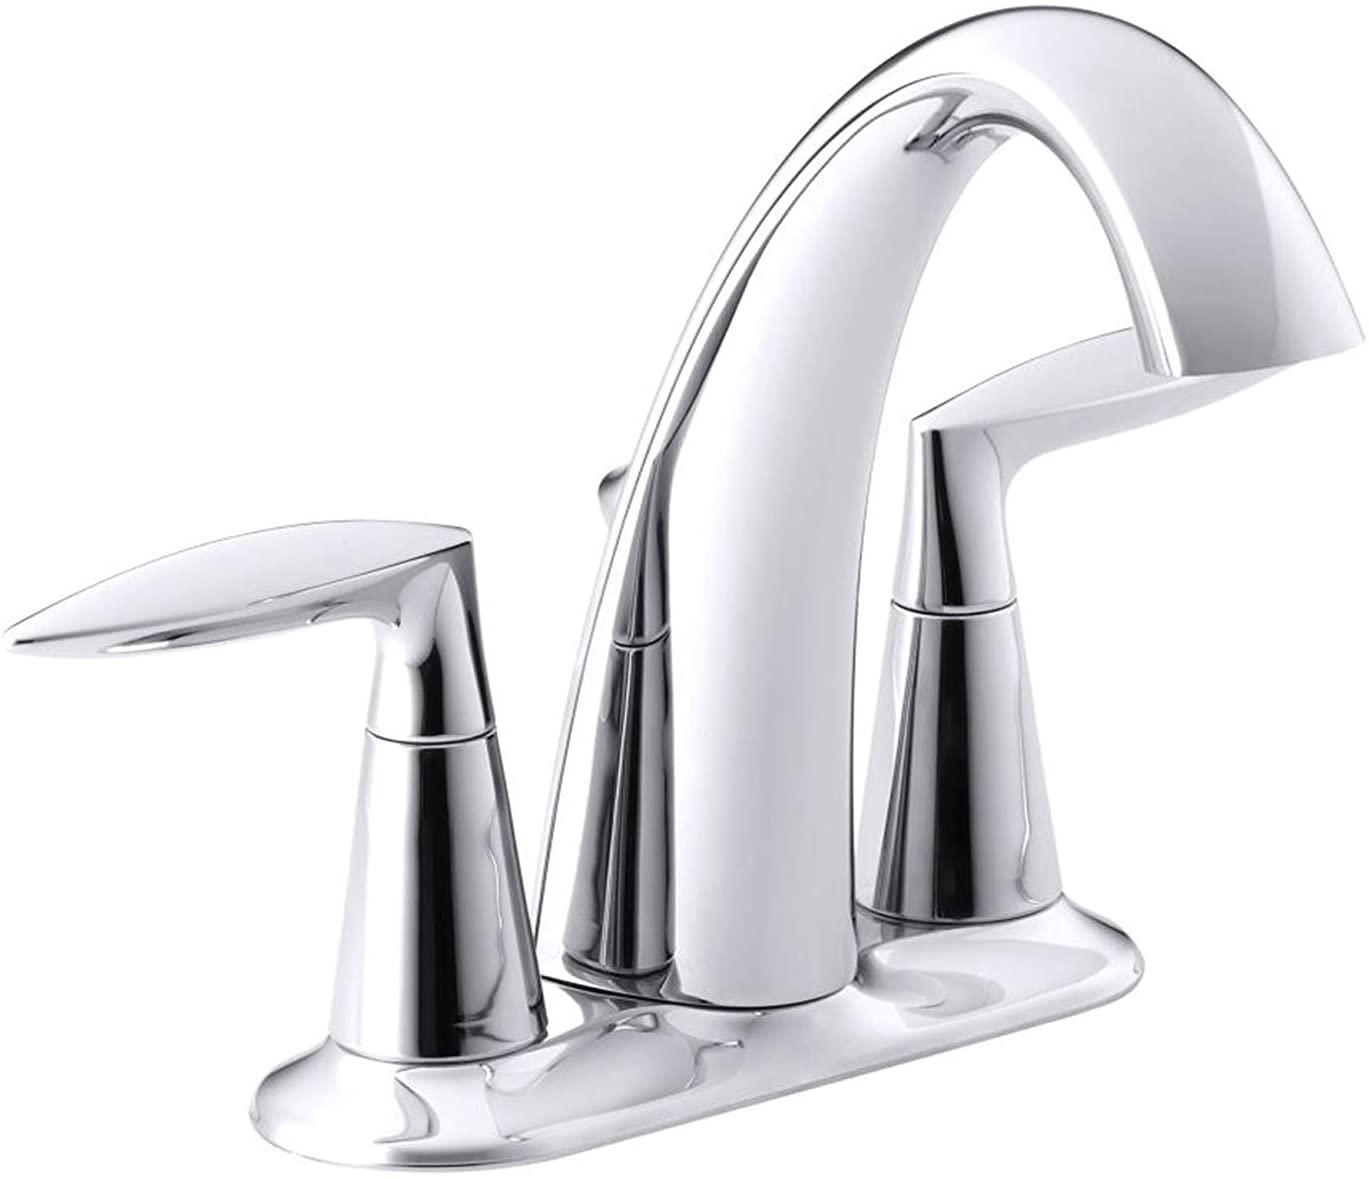 Kohler Alteo - Llave para lavabo, Cromo pulido